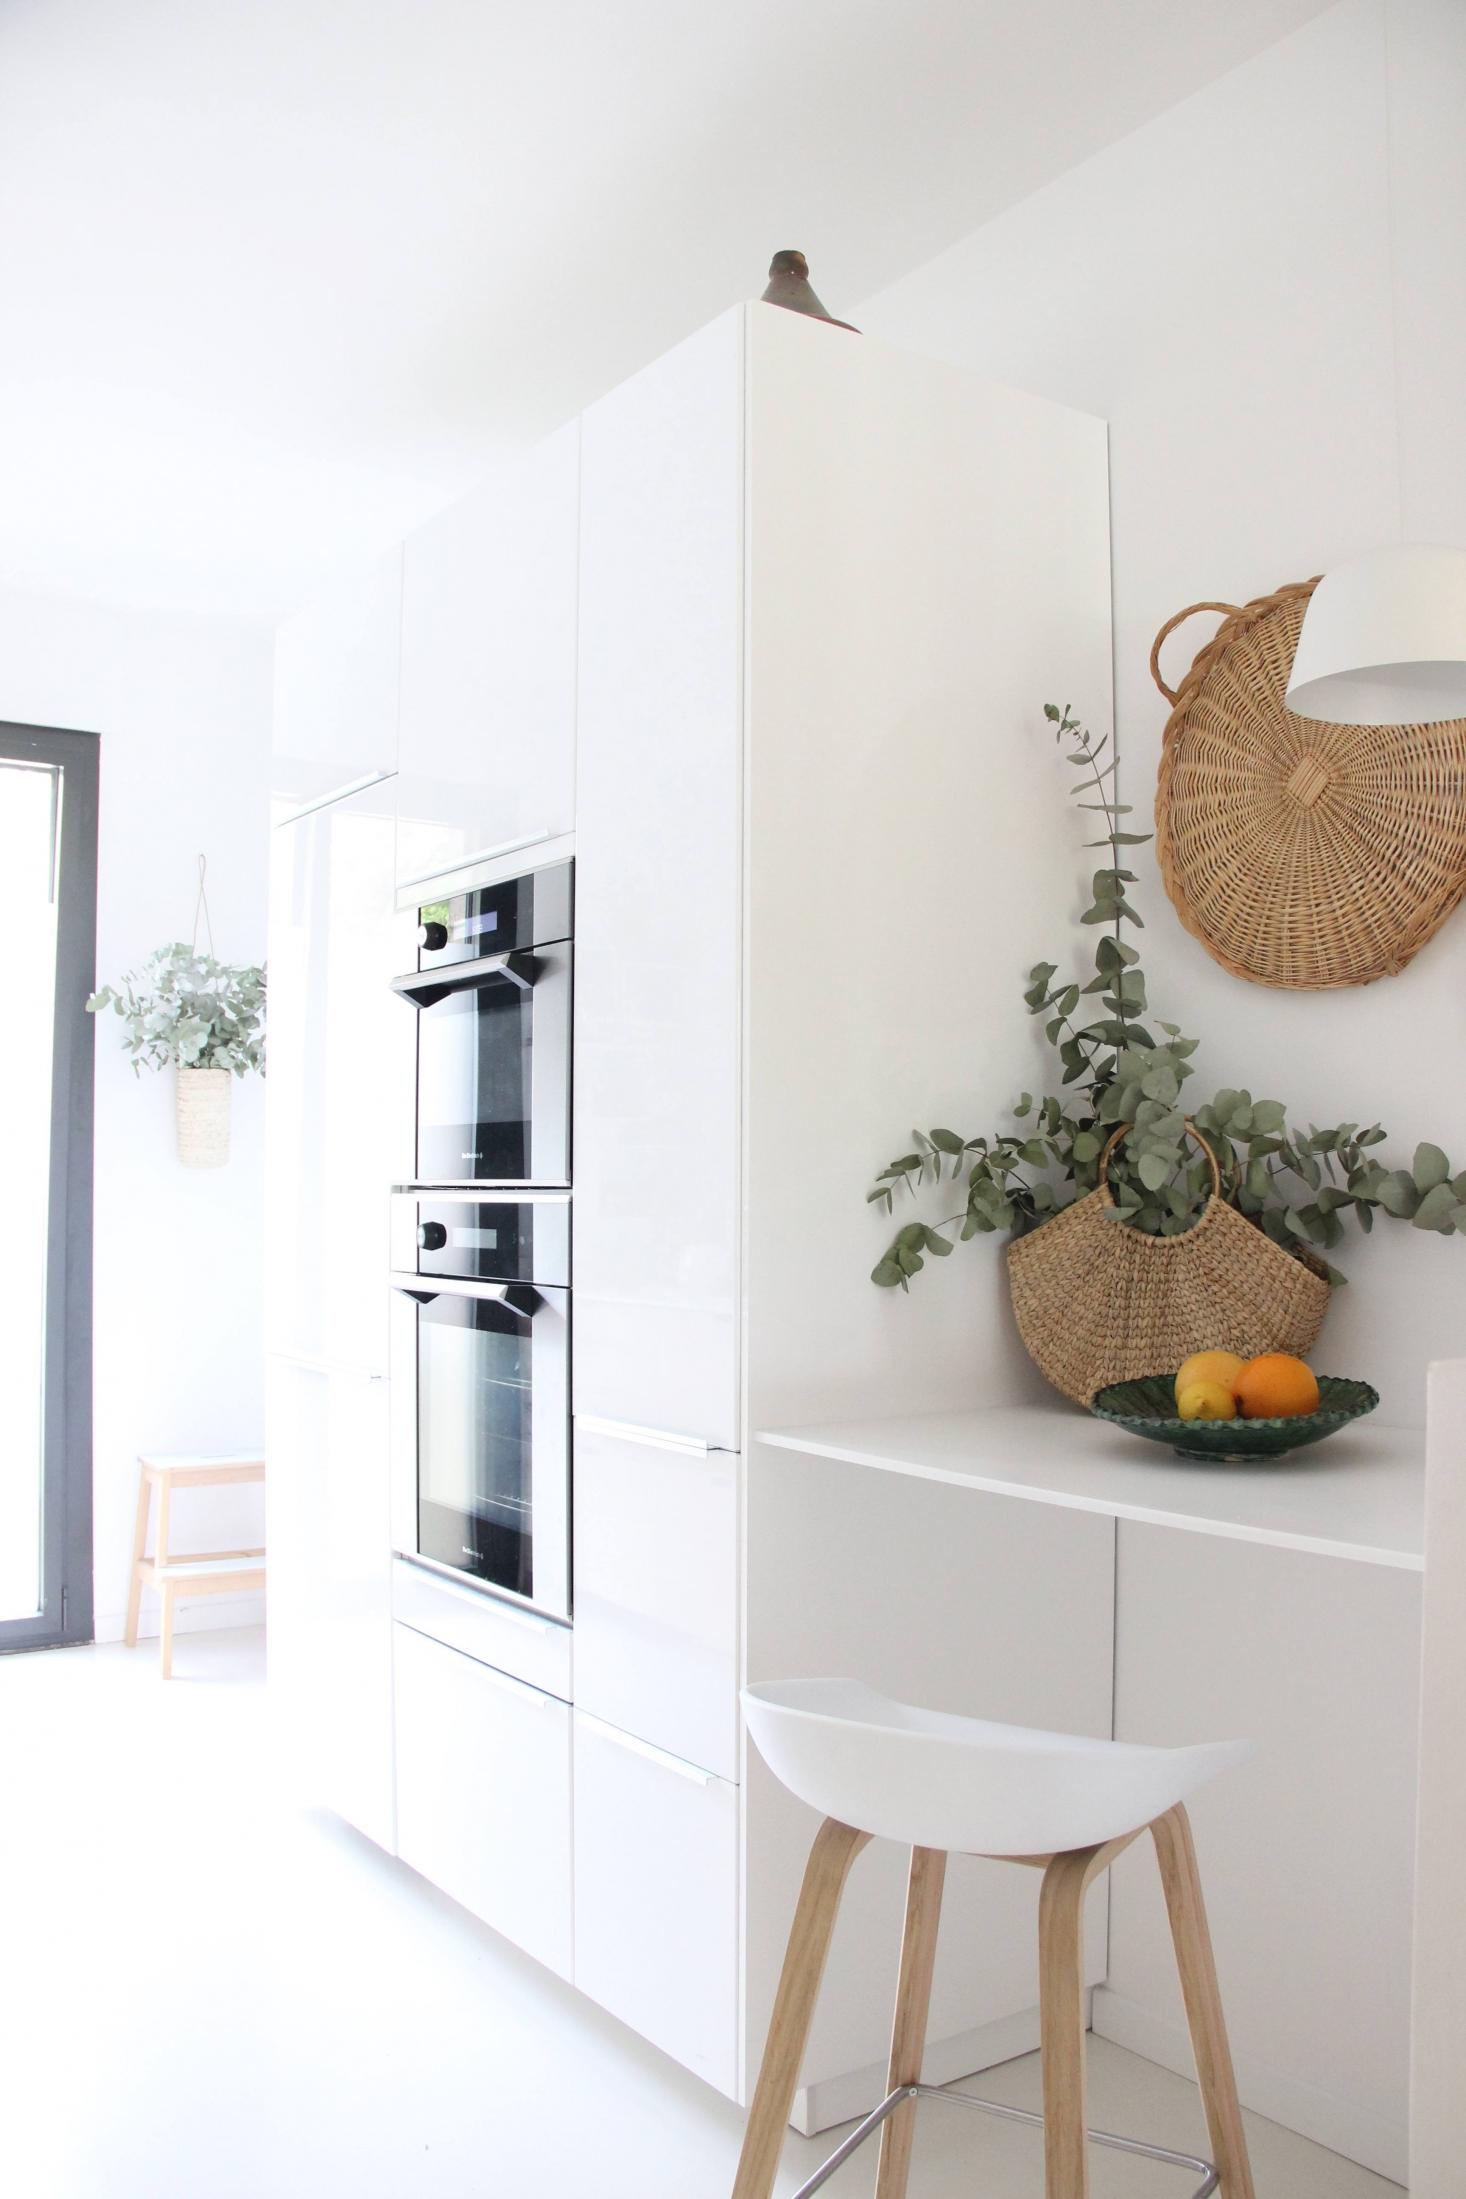 Full Size of Ringhult Ikea Before After A Designers Hack Kitchen In Provence Küche Kosten Sofa Mit Schlaffunktion Modulküche Betten Bei 160x200 Miniküche Kaufen Wohnzimmer Ringhult Ikea